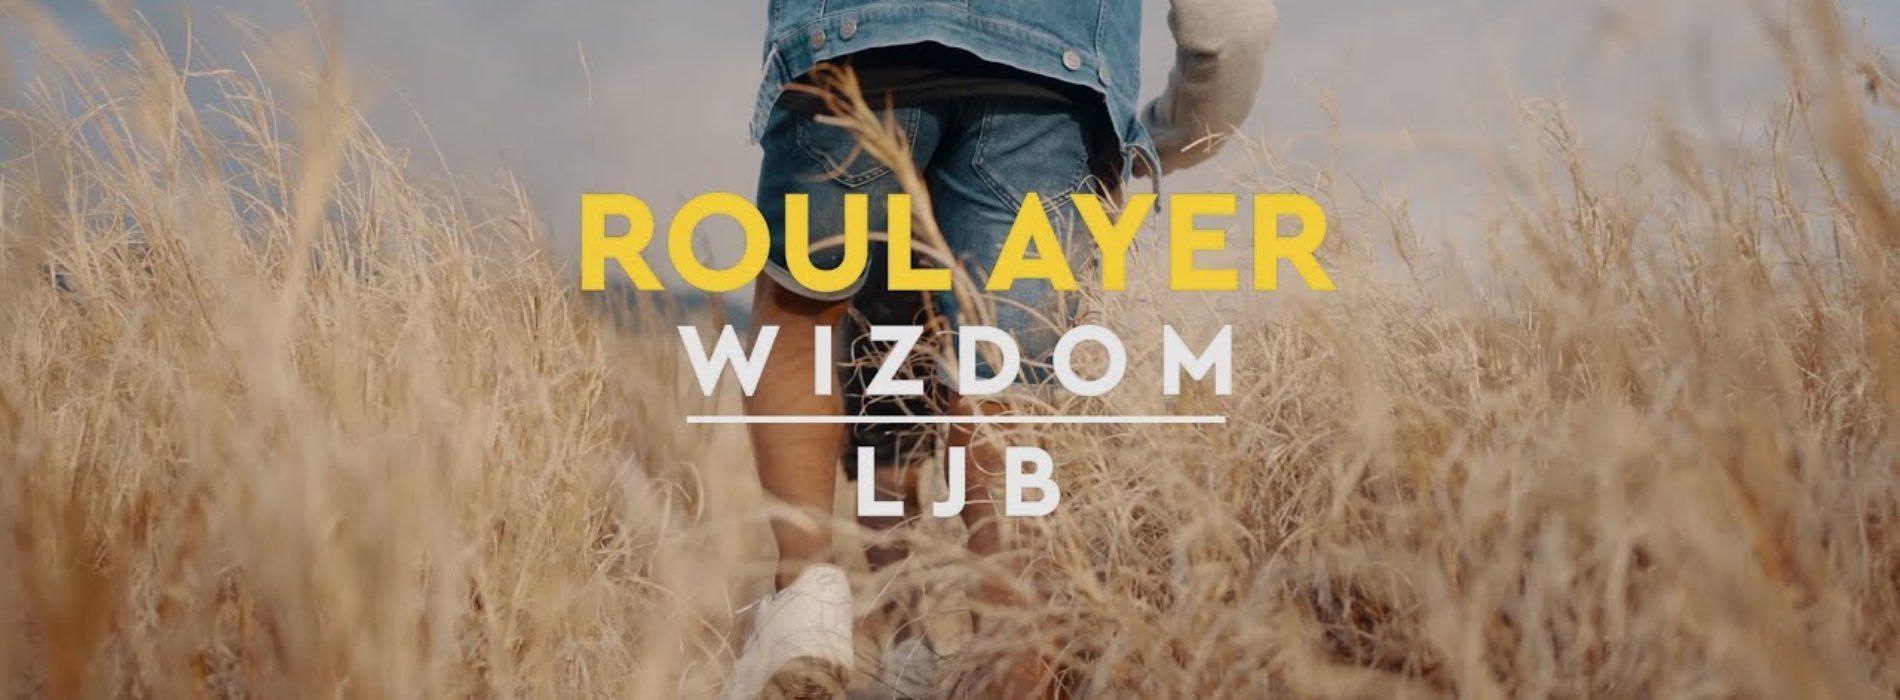 Wizdom – Roule ayer ft. LJB (Clip Officiel) – Décembre 2020